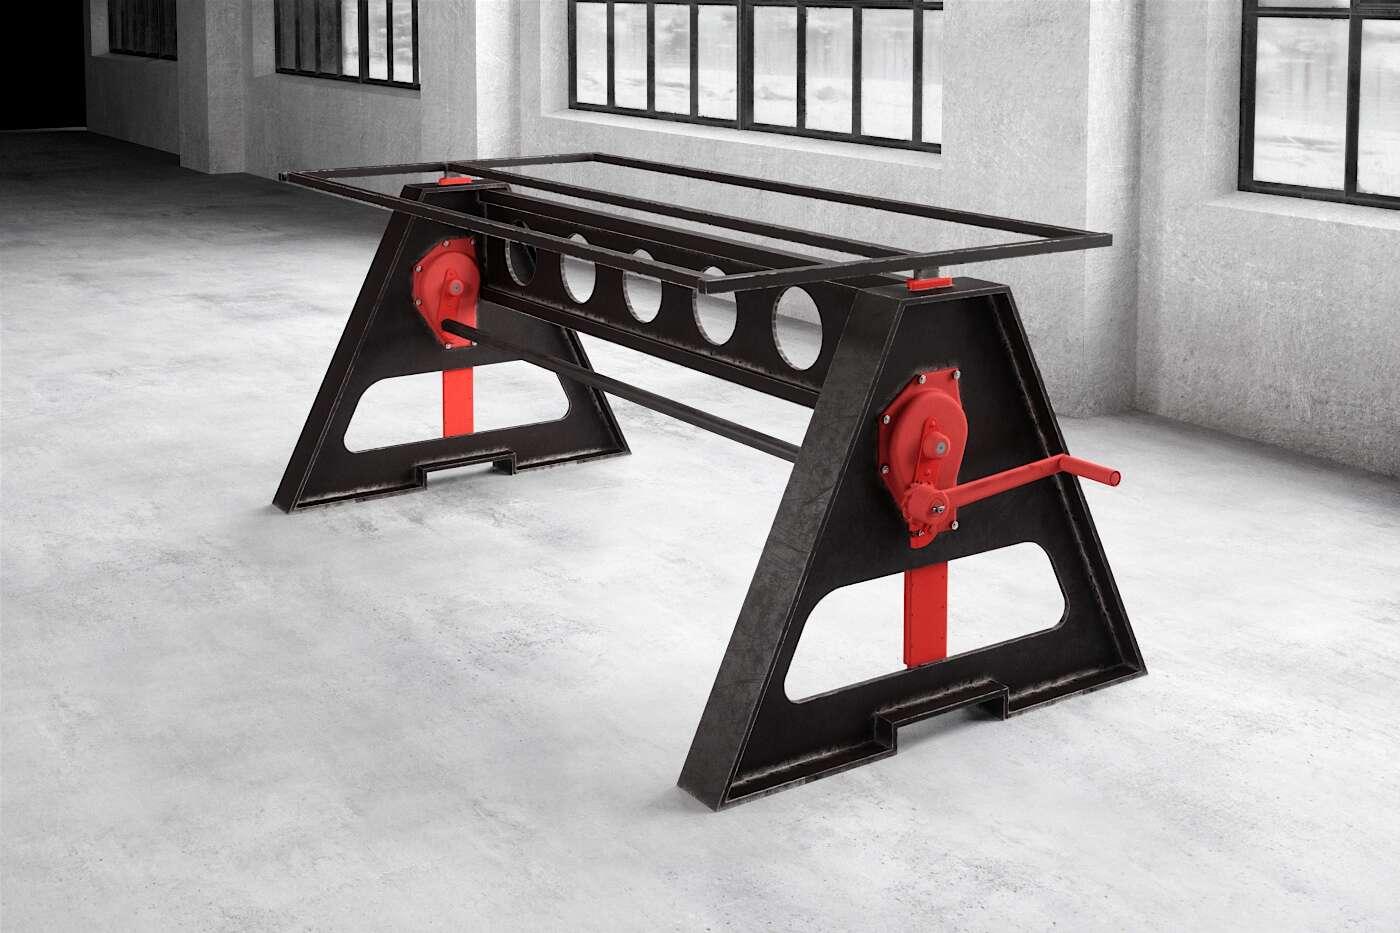 Tisch Untergestell höhenverstellbar aus Stahl massiv auf maß